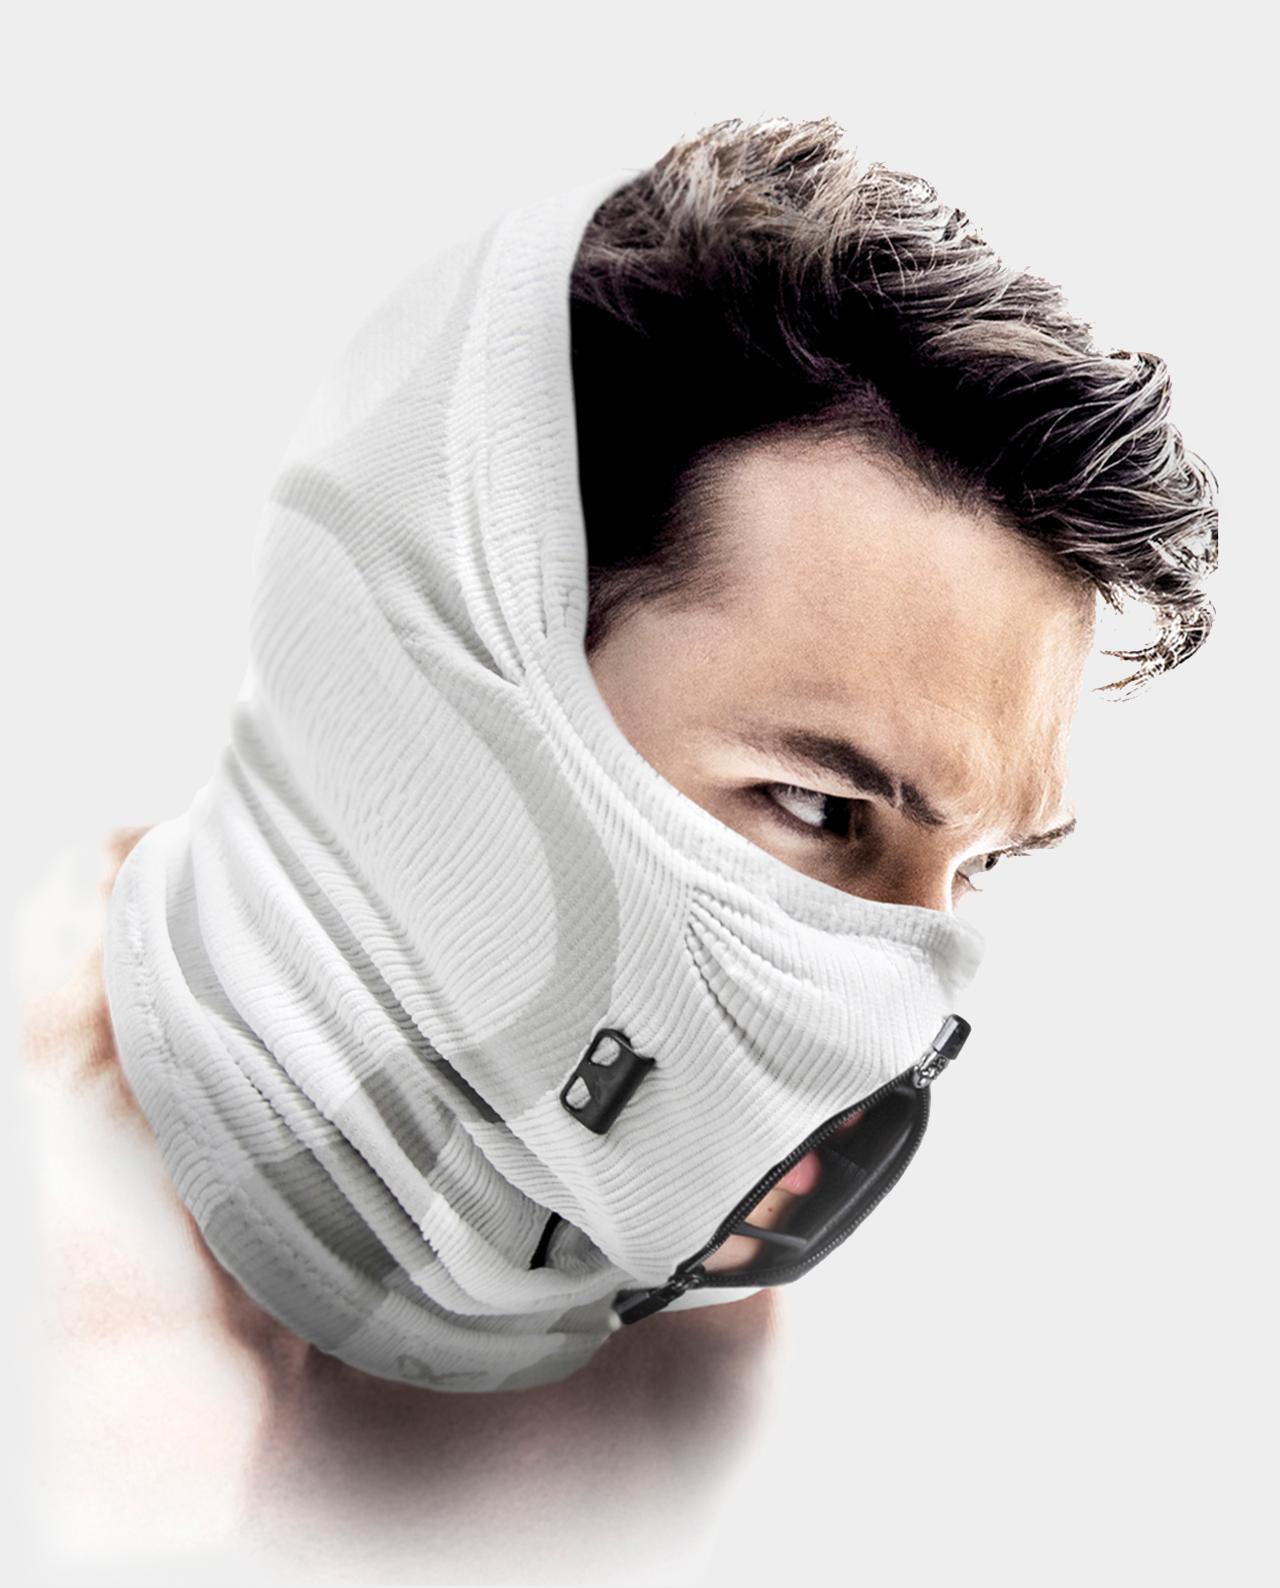 Masca pentru sportivi Naroo Z9H cu sistem antiaburire pentru vreme rece imagine